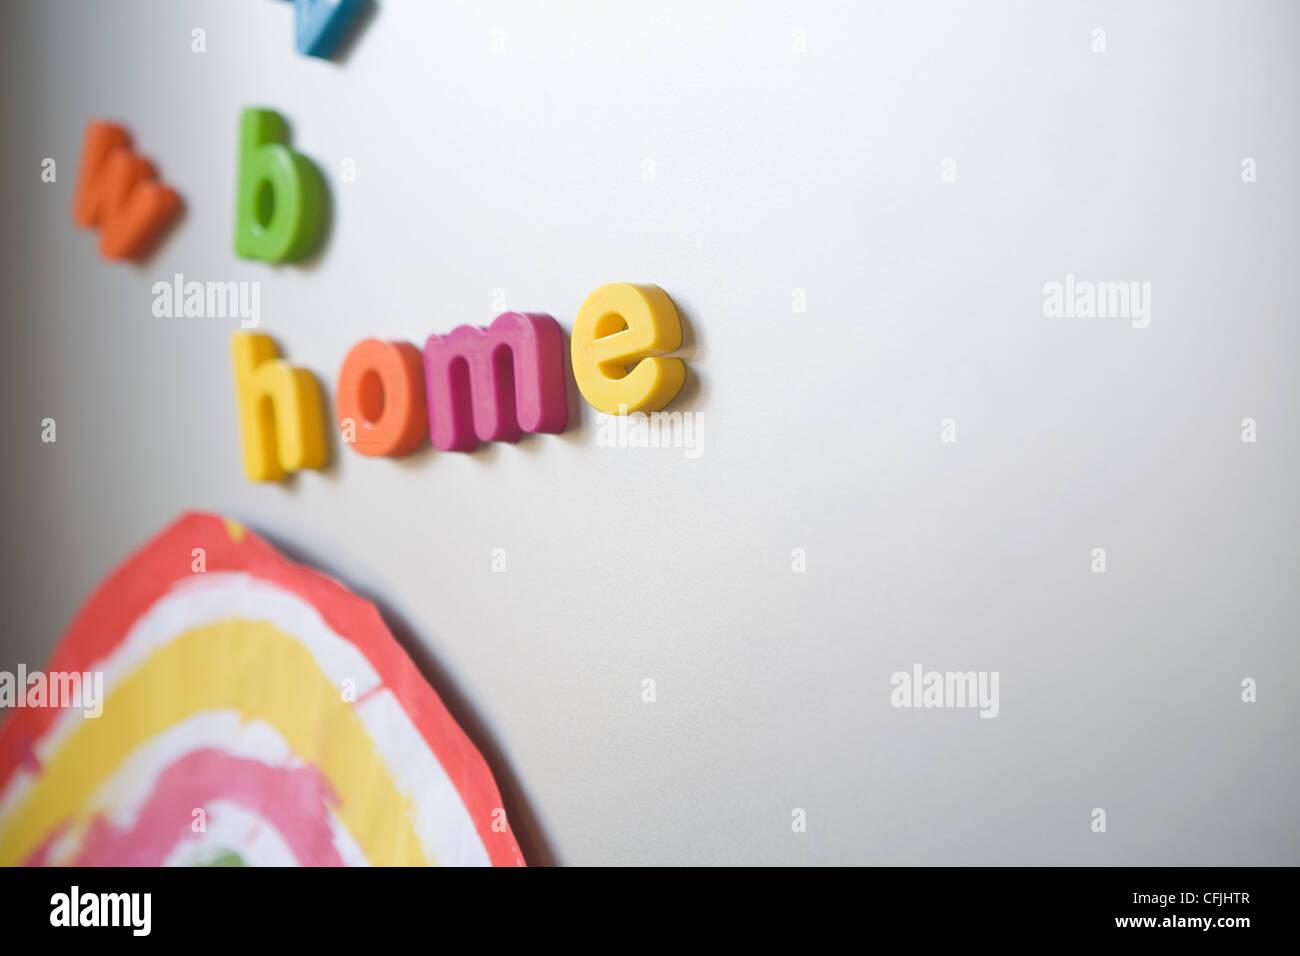 Letras de 'inicio' en la familia refrigerador Imagen De Stock